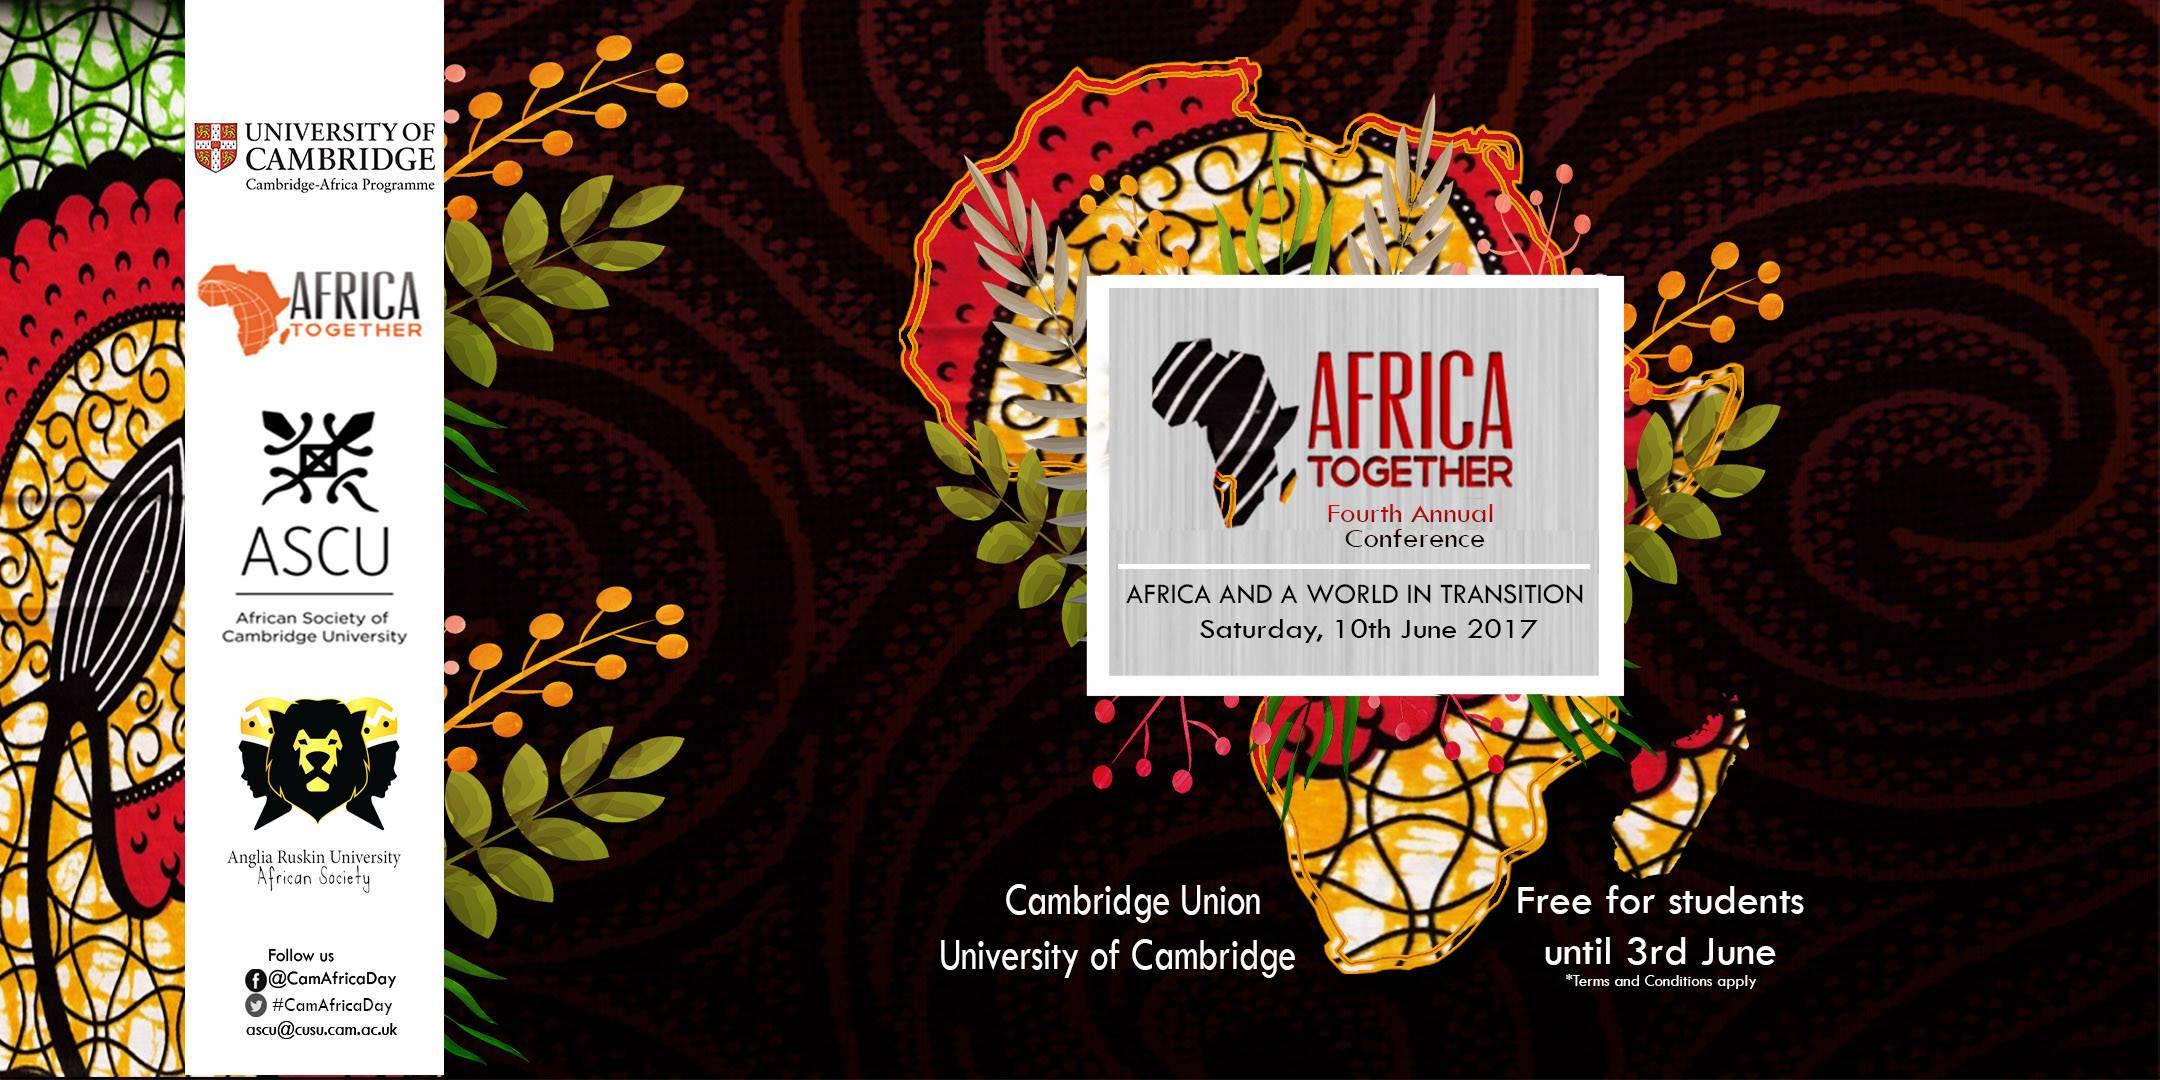 Africa Together 2017